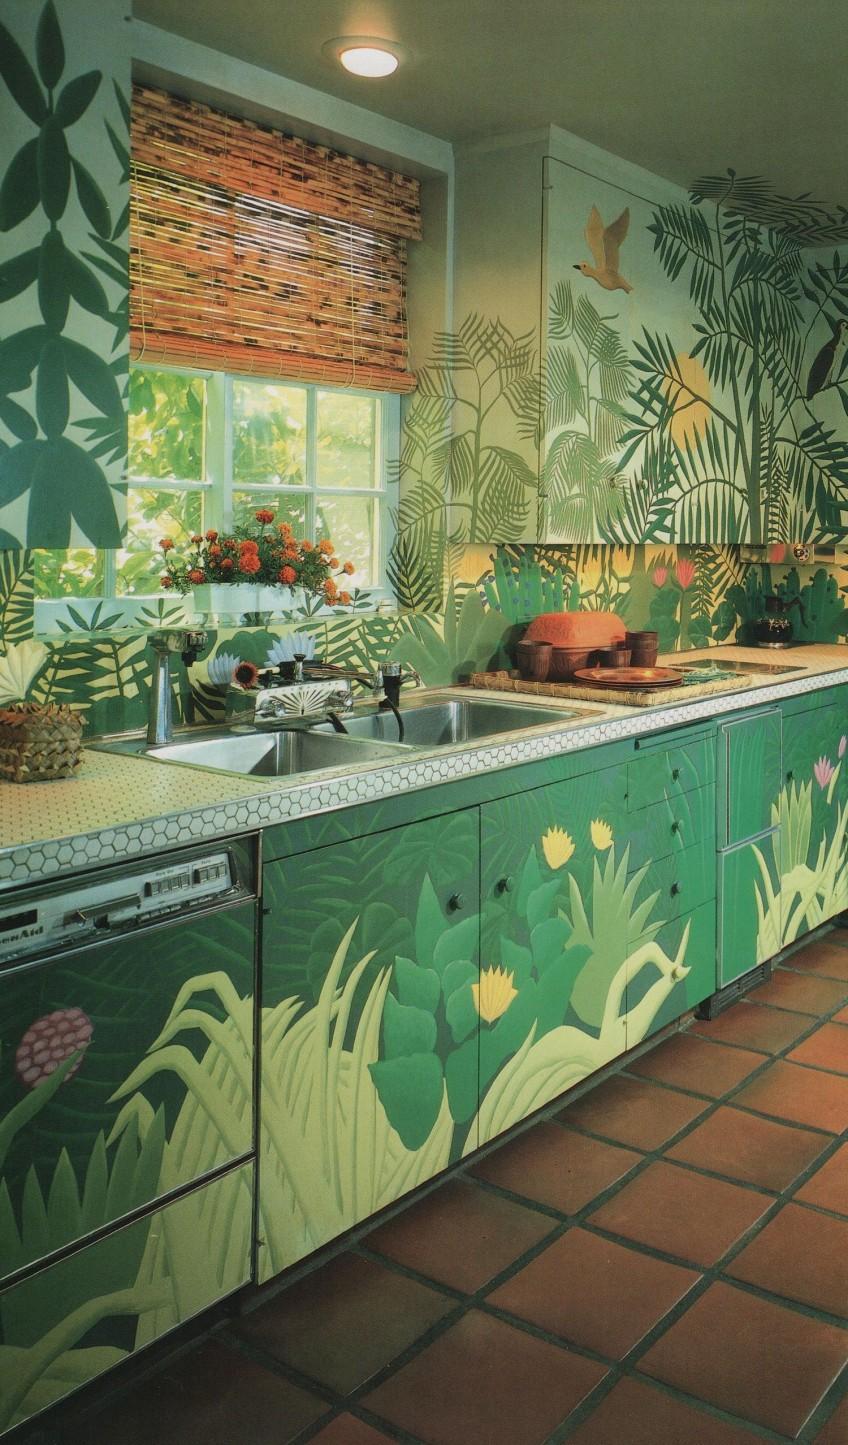 cocina-decorada-con-estilo-jungalow